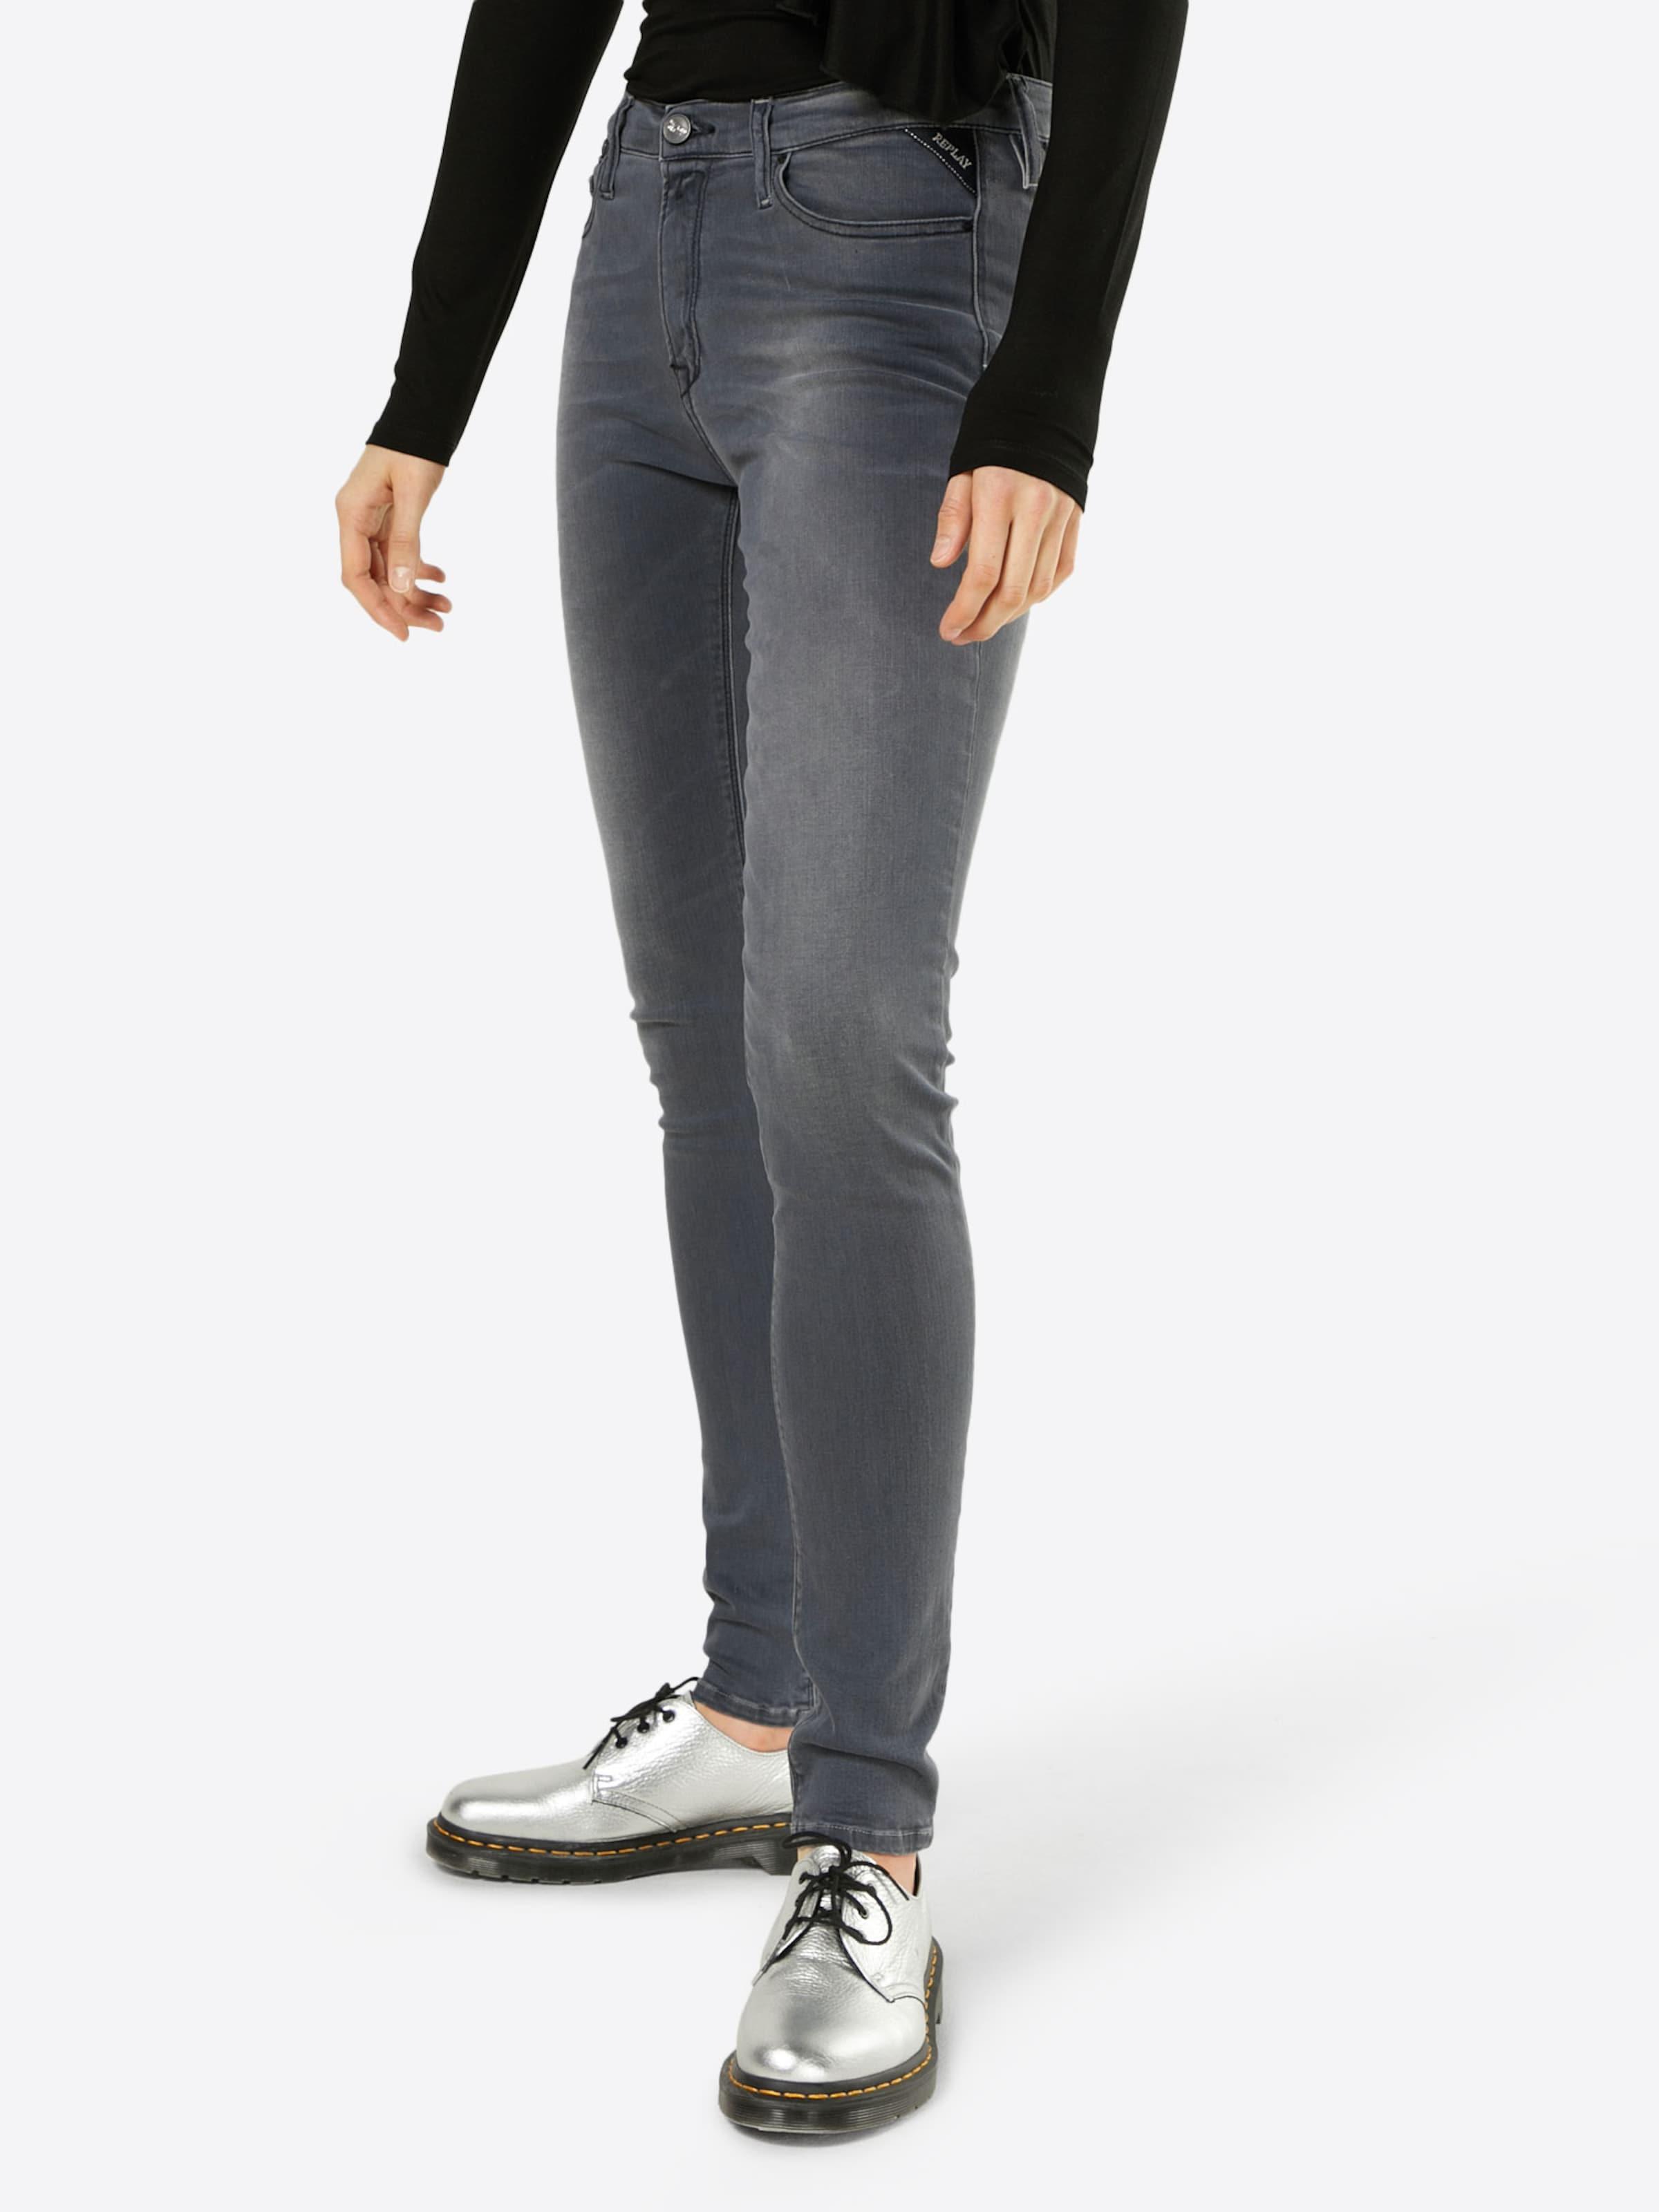 REPLAY 'ELAEBER' Jeans Geniue Händler Online Niedrige Versandgebühr Verkauf Online Billig Verkauf Finden Große qRuUZvK